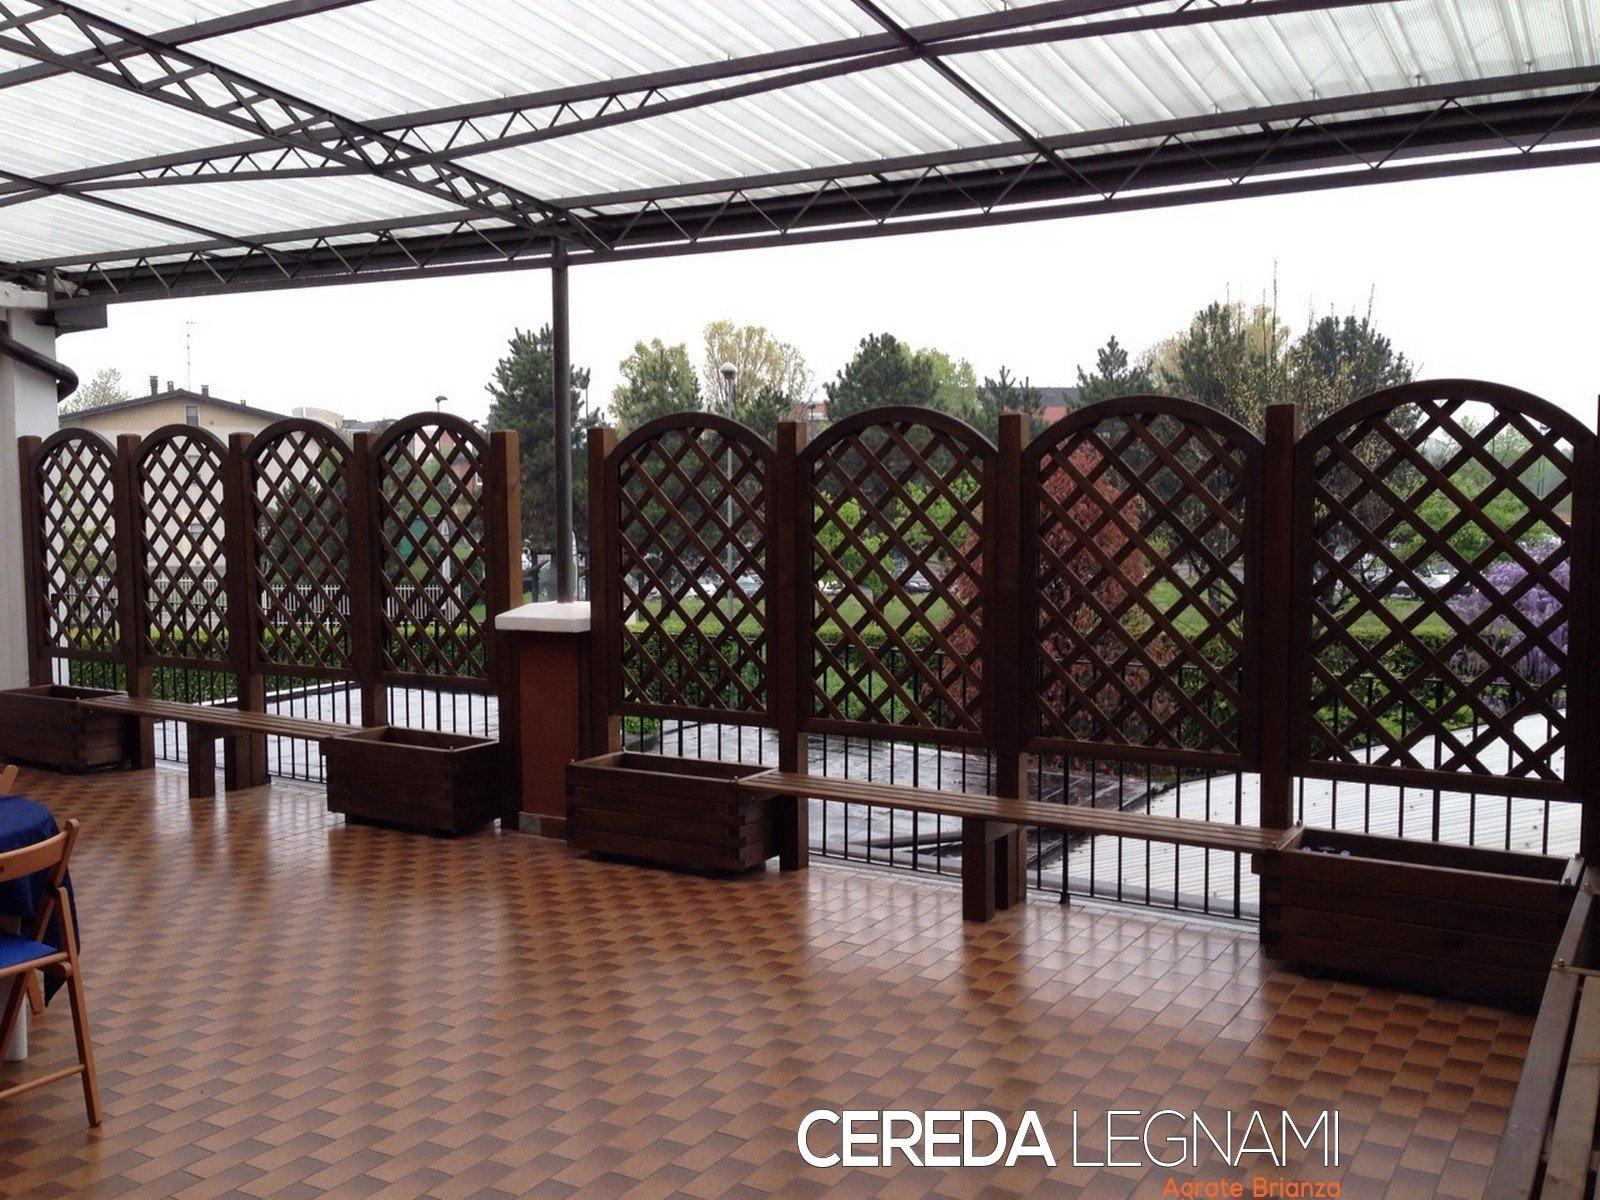 griglie in legno per balconi cereda legnami agrate brianza